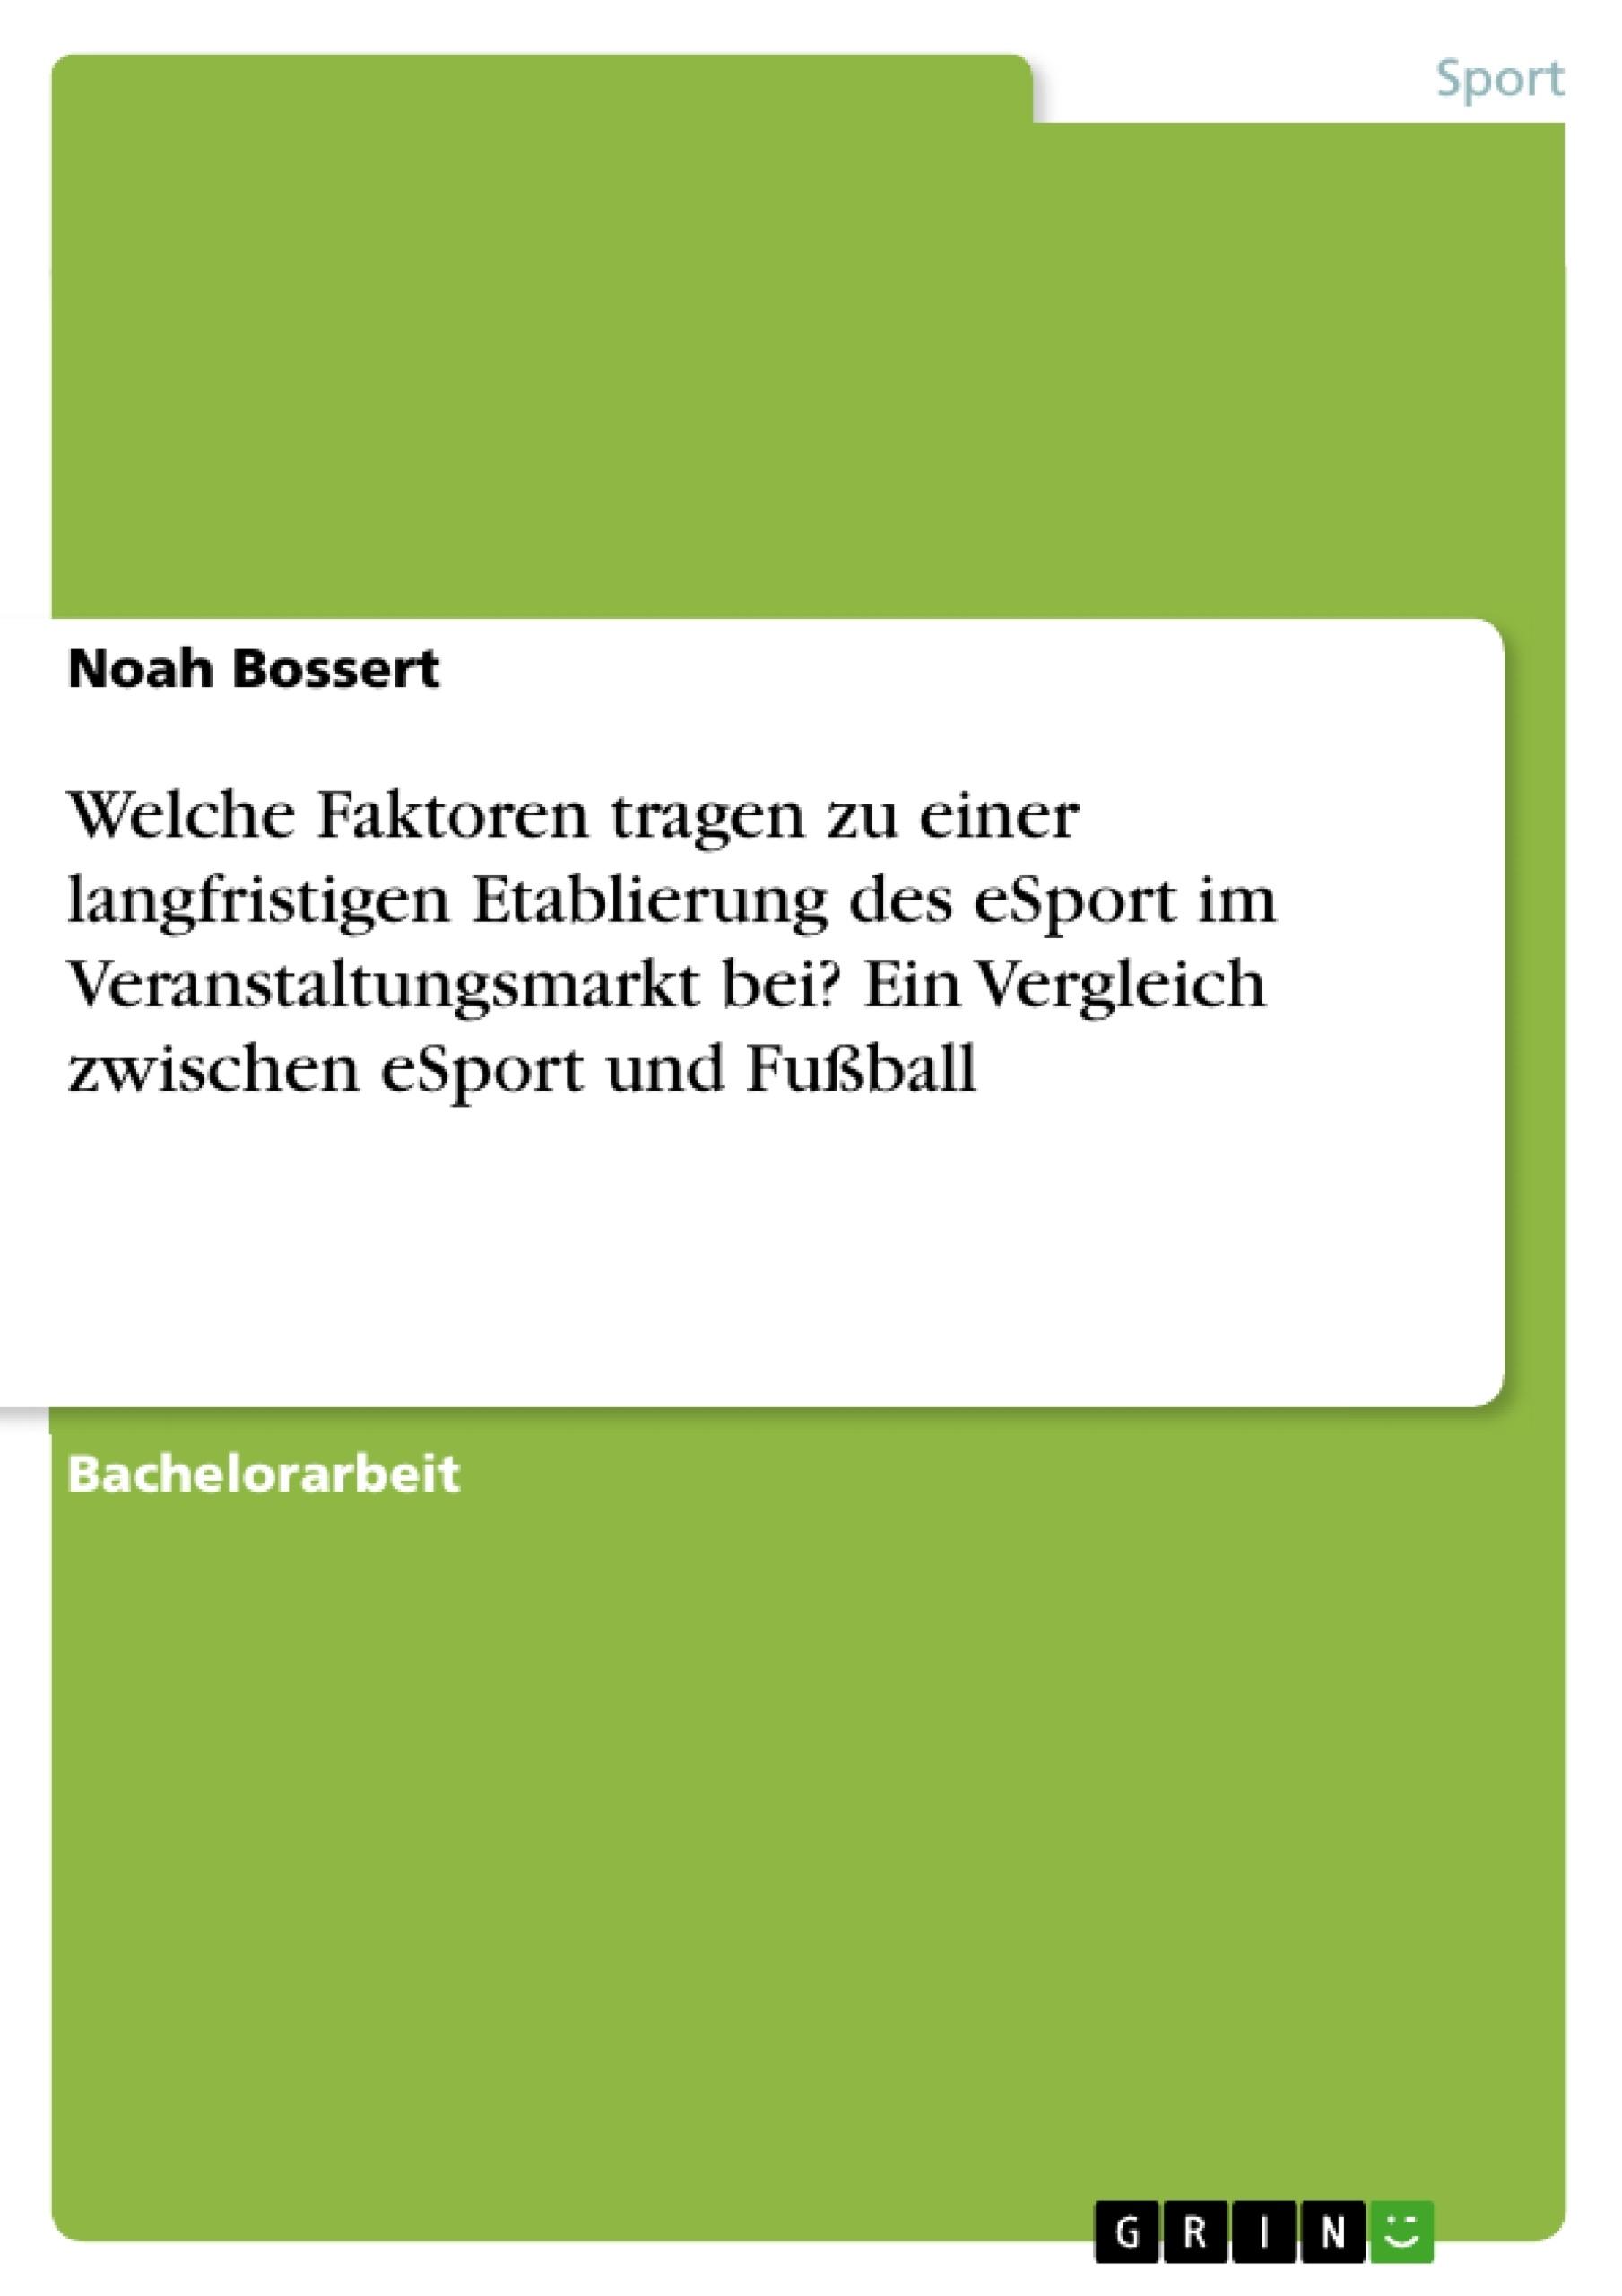 Titel: Welche Faktoren tragen zu einer langfristigen Etablierung des eSport im Veranstaltungsmarkt bei? Ein Vergleich zwischen eSport und Fußball